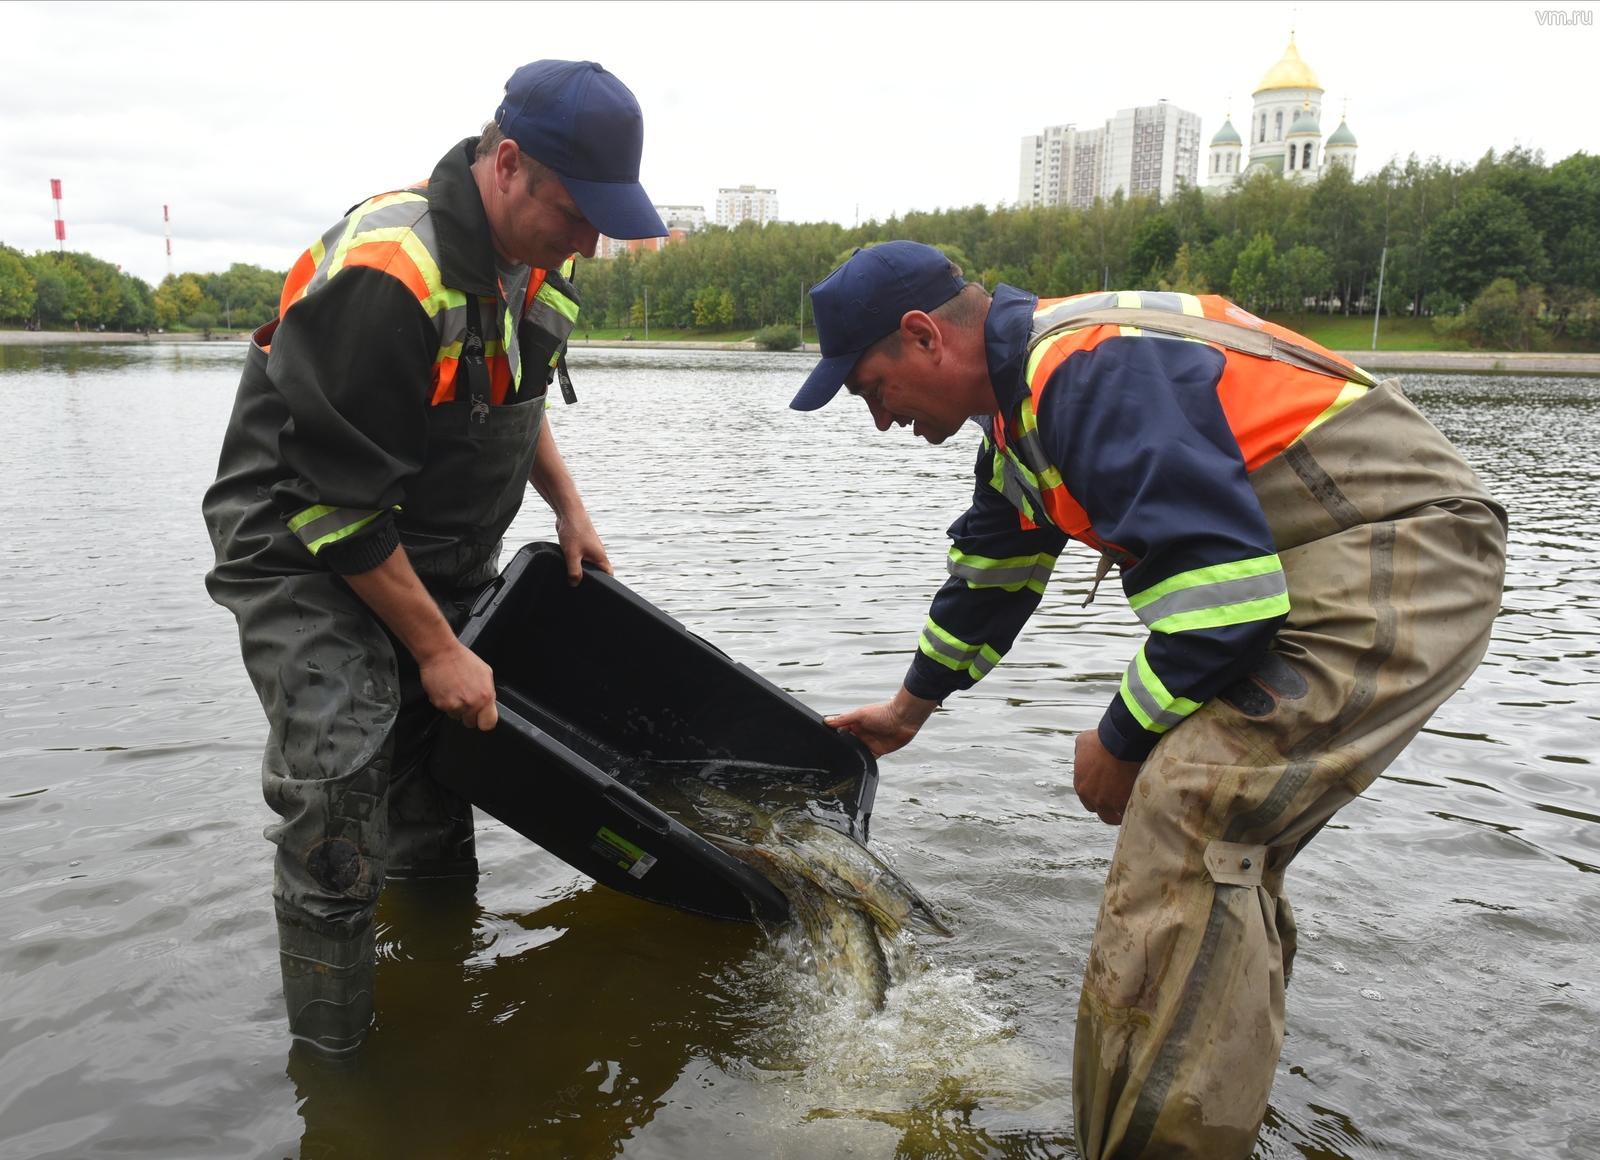 Сотрудники Московодостока Николай Гороховик (слева) и Алексей Минтюков (справа) выпускают мальков рыб в пруд в Солнцево